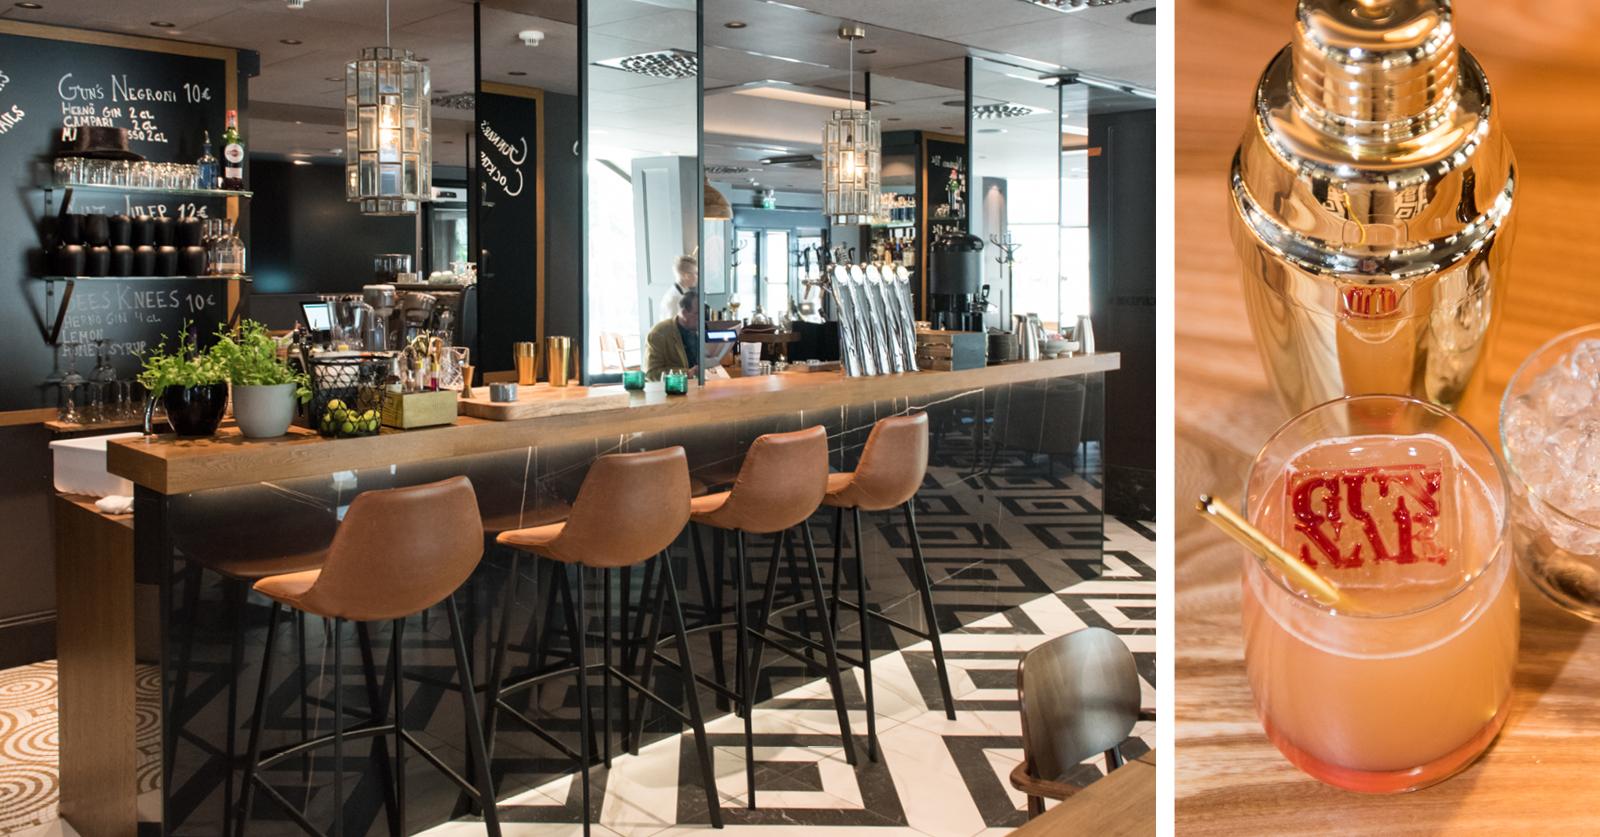 Gunnar Eatery & Barissa kaikki cocktailit tarjoillaan eri lasissa.